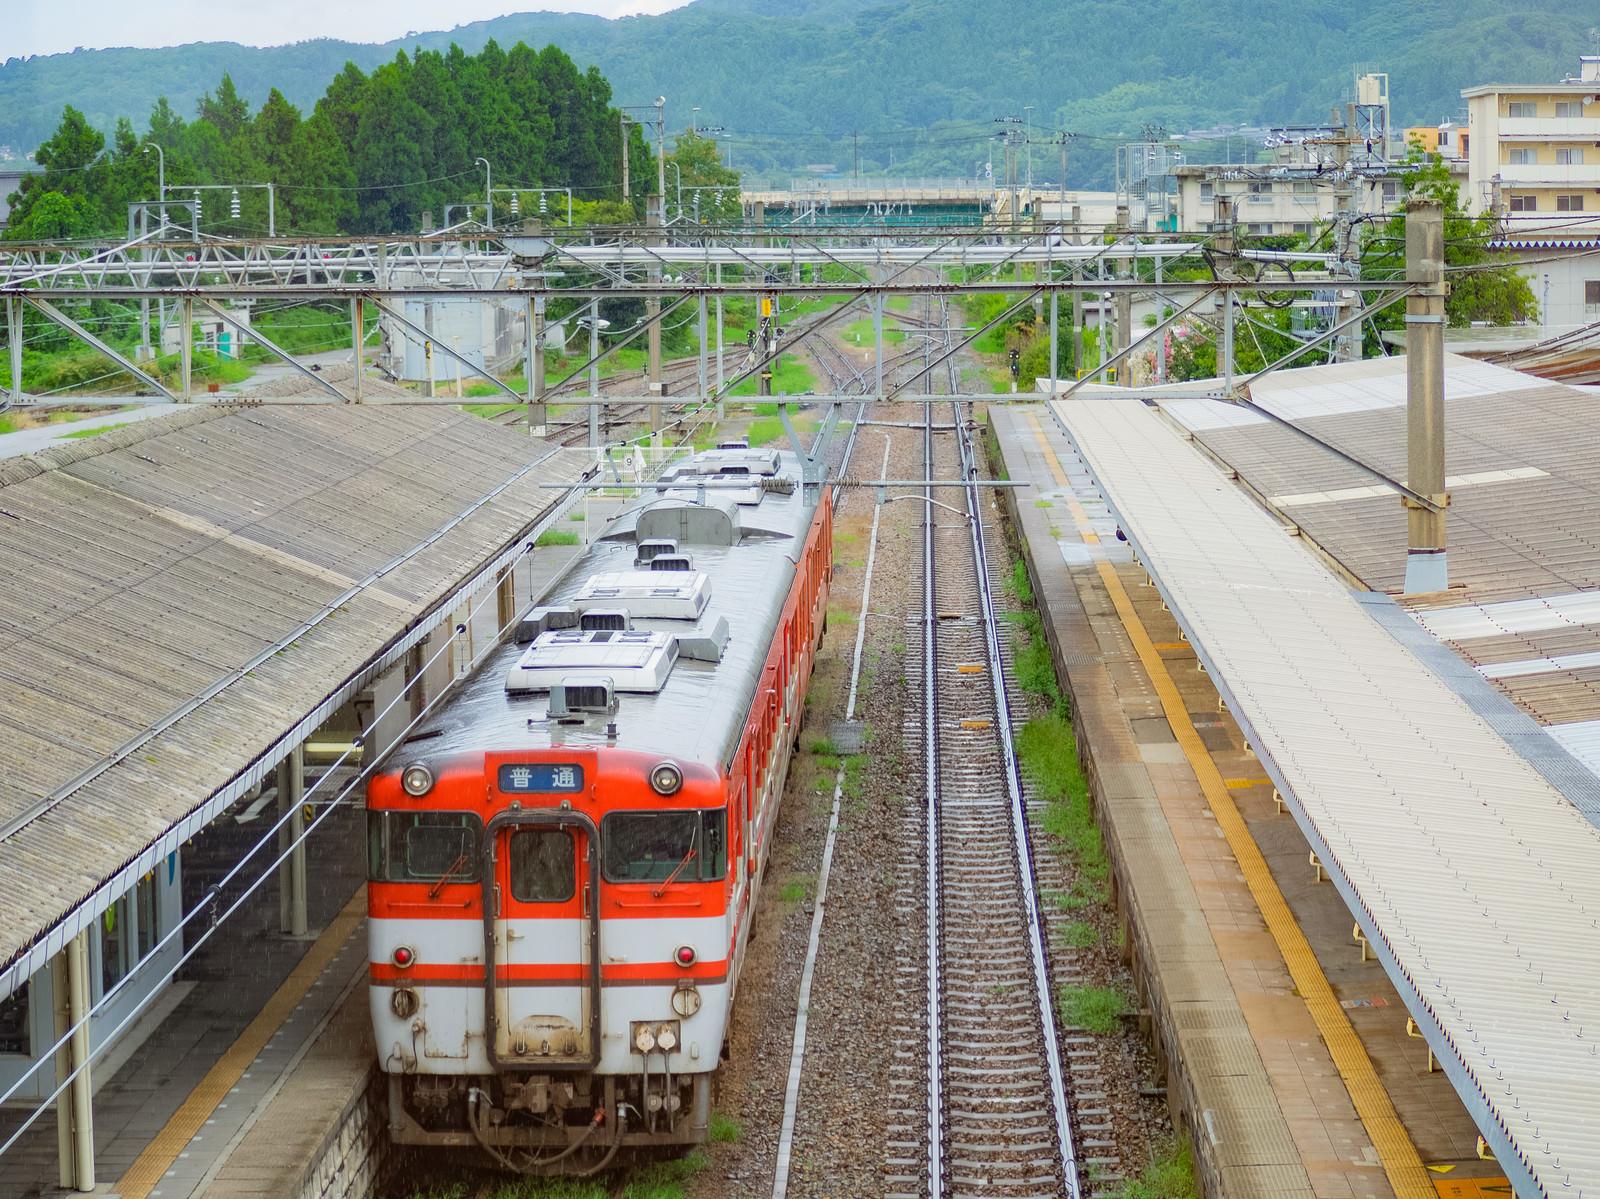 「JR村上駅から出発する電車(キハ40系)」